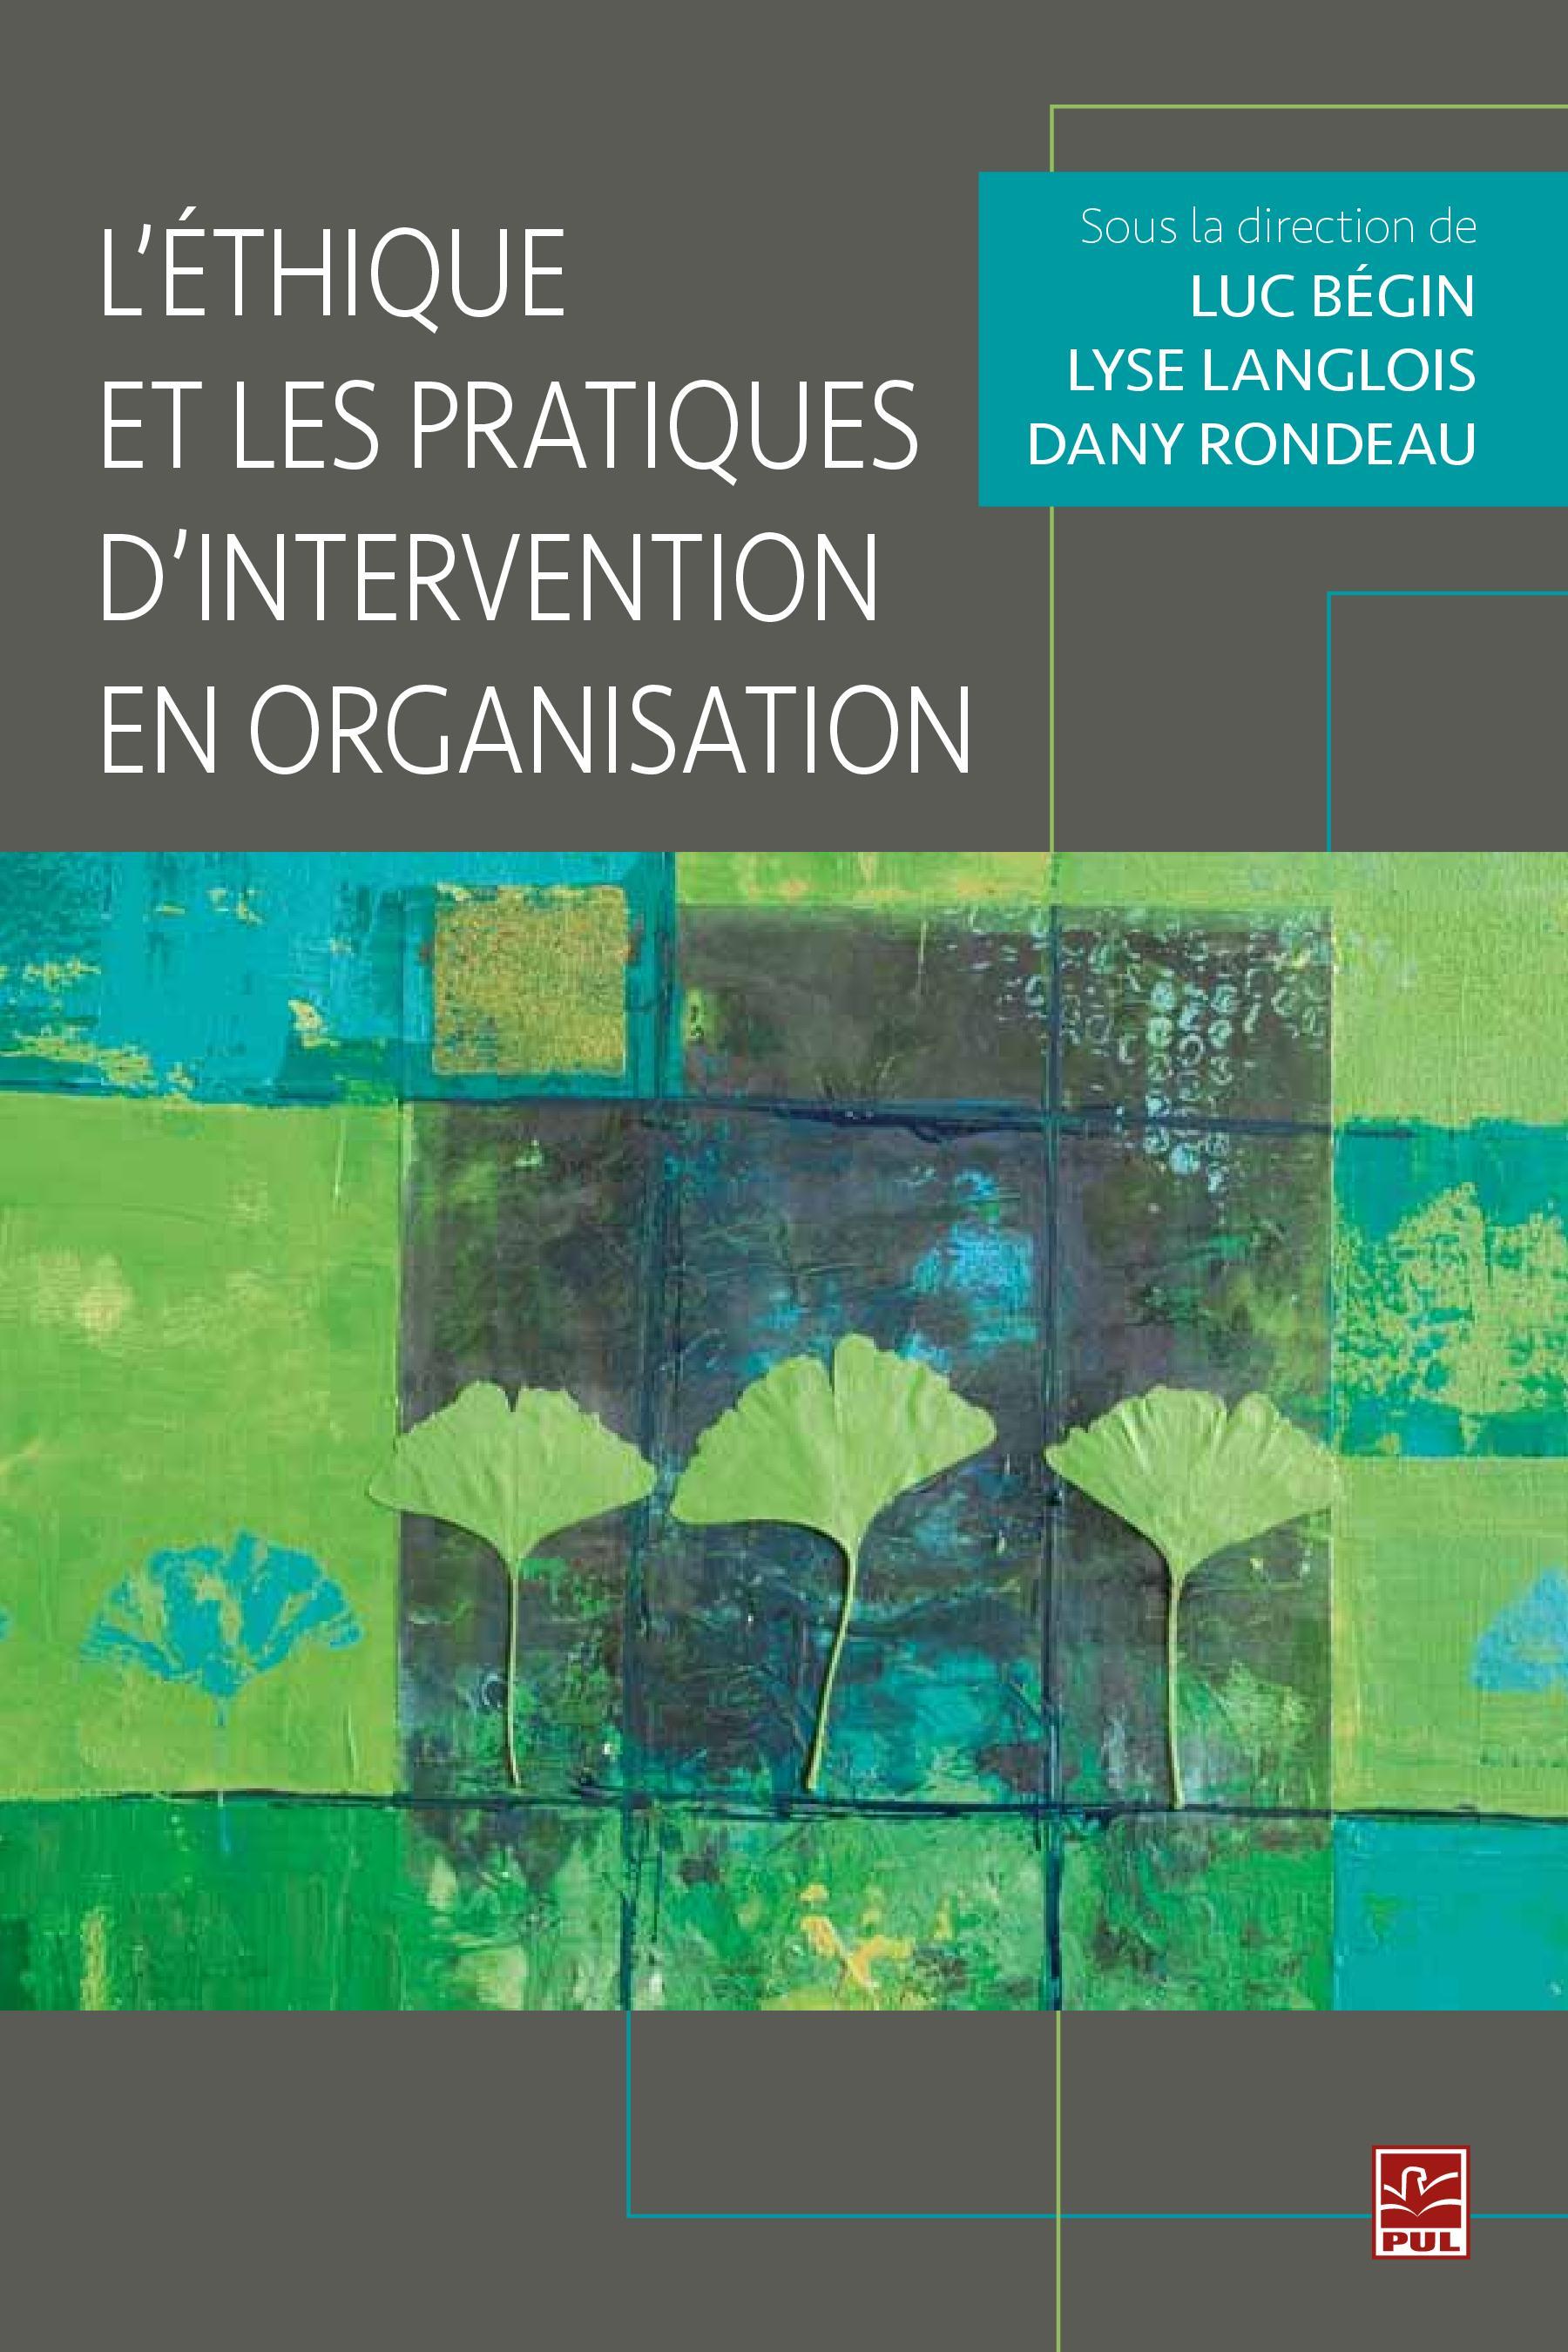 L'éthique et les pratiques d'intervention en organisation